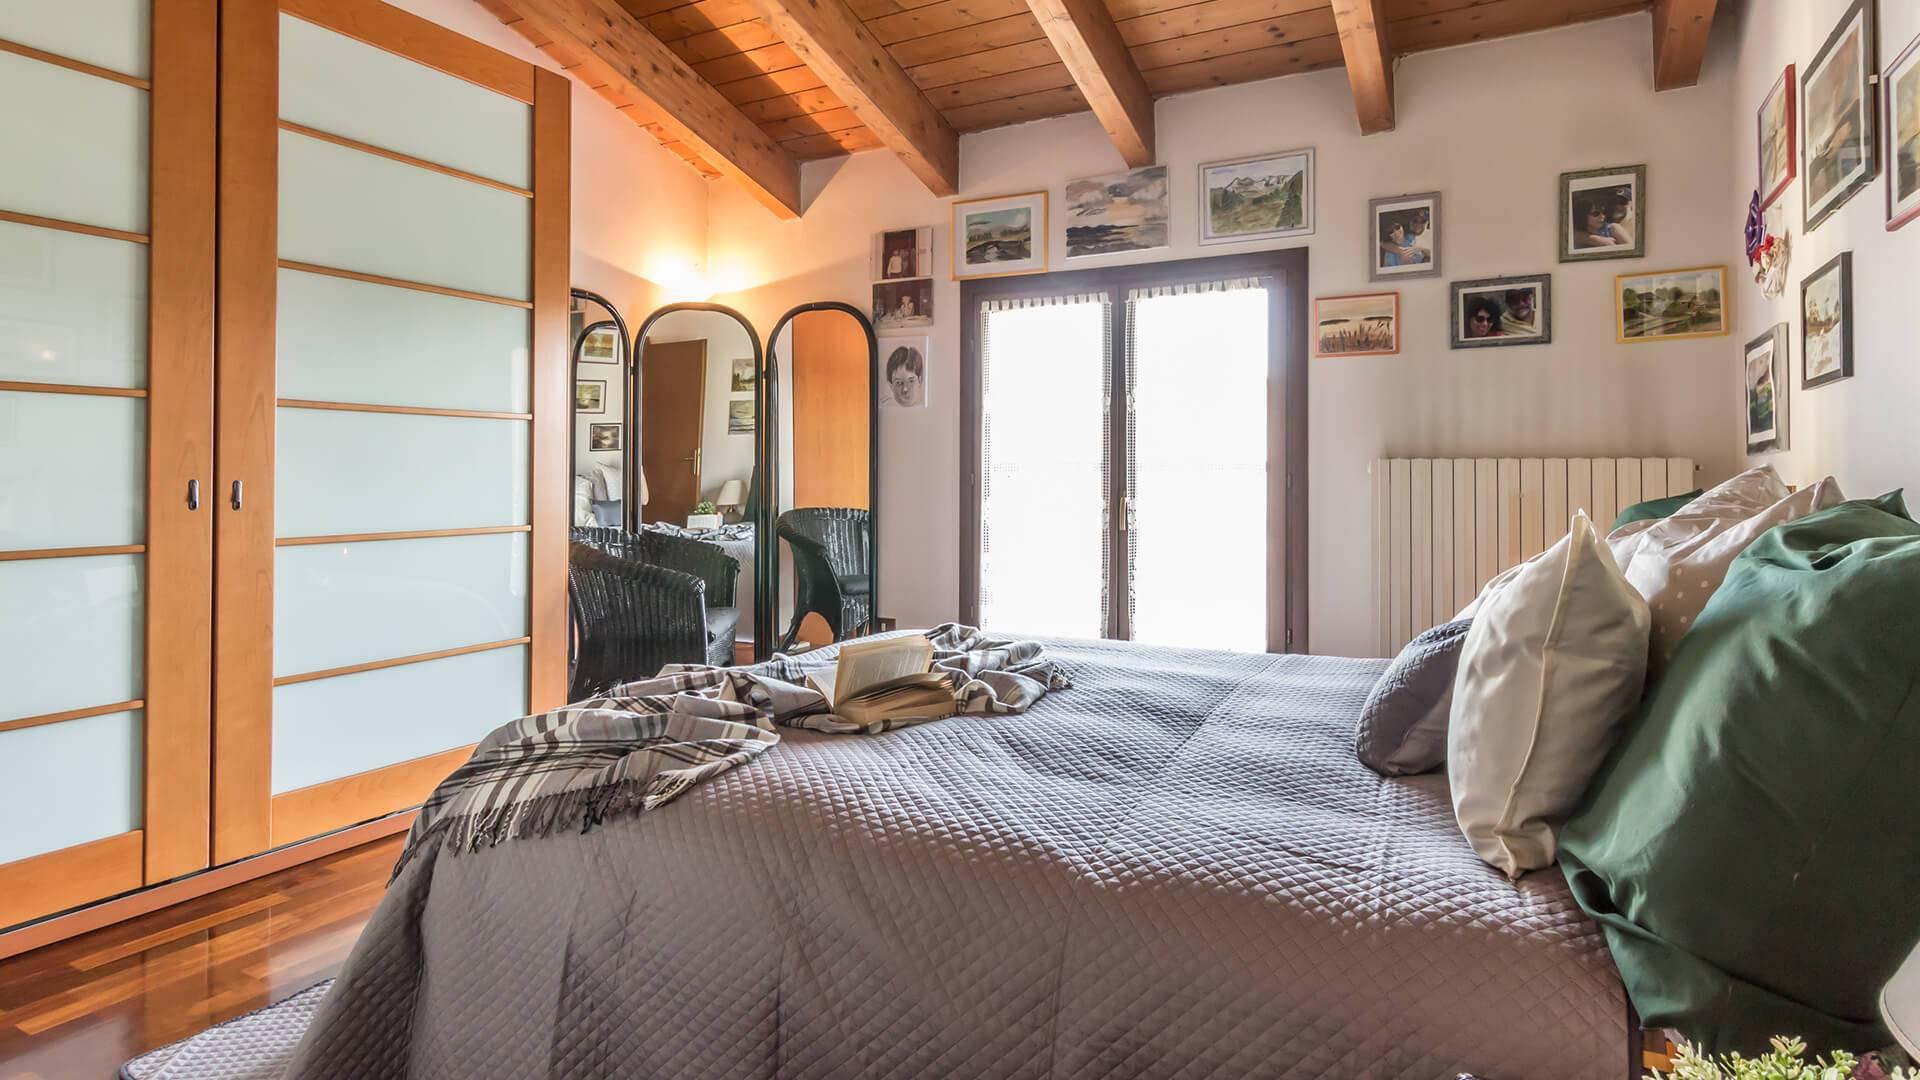 carta bianca progetto home staging villa a schiera reggio emilia foto 13